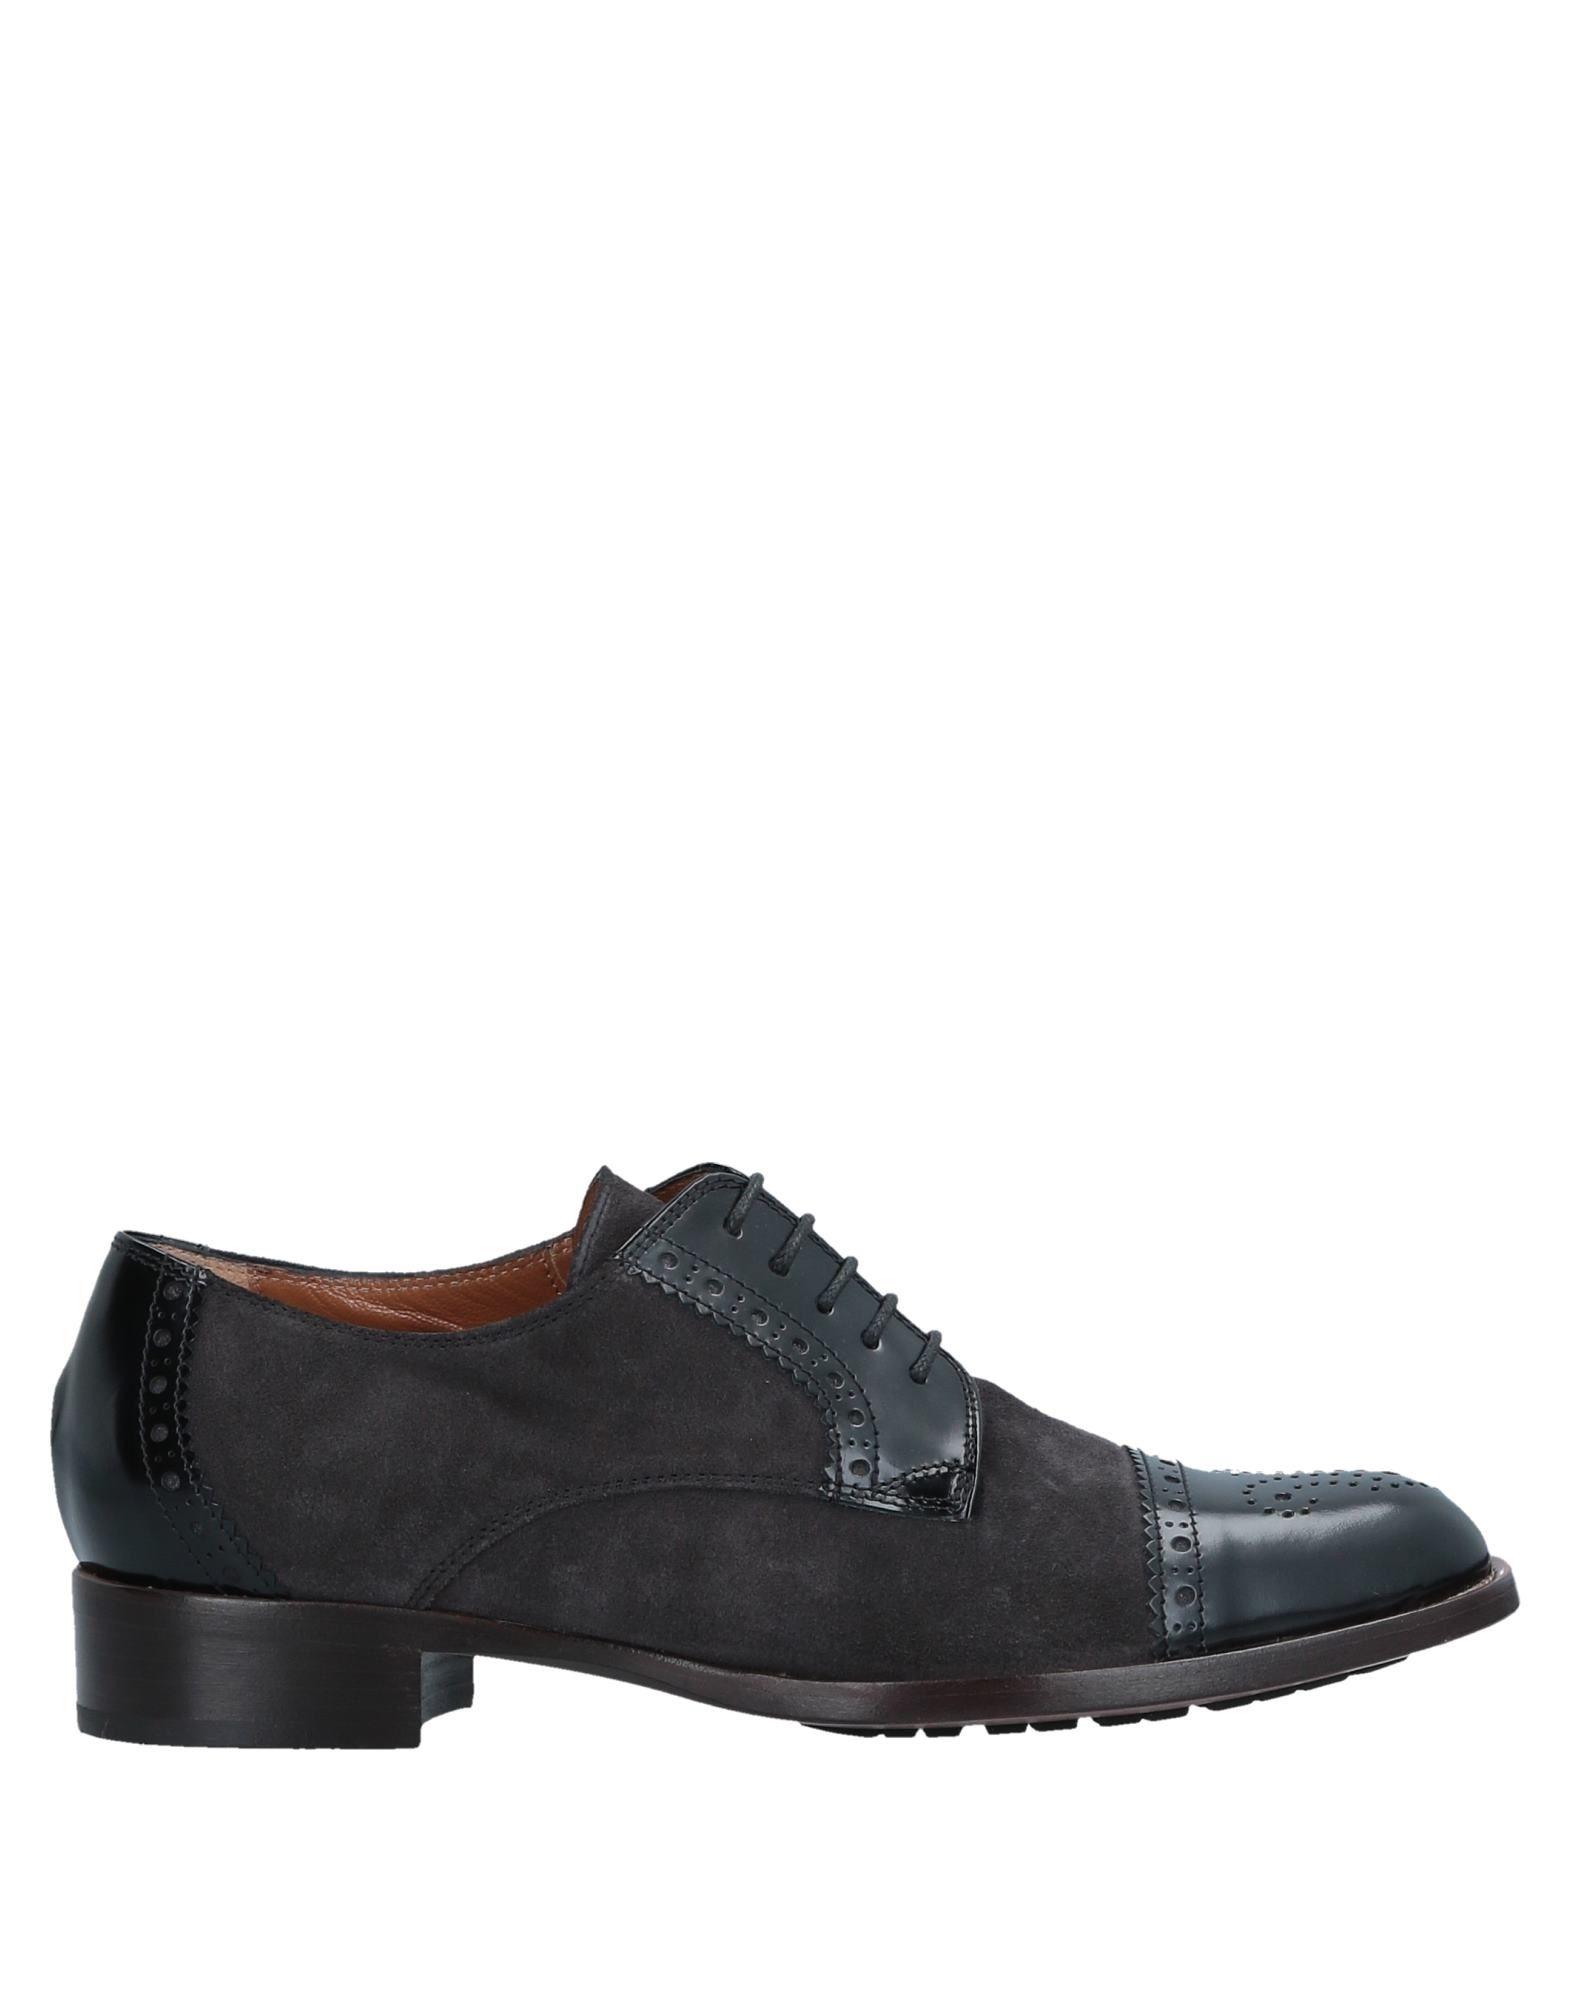 F.Lli Bruglia Schnürschuhe Damen  11520240LTGut aussehende strapazierfähige Schuhe